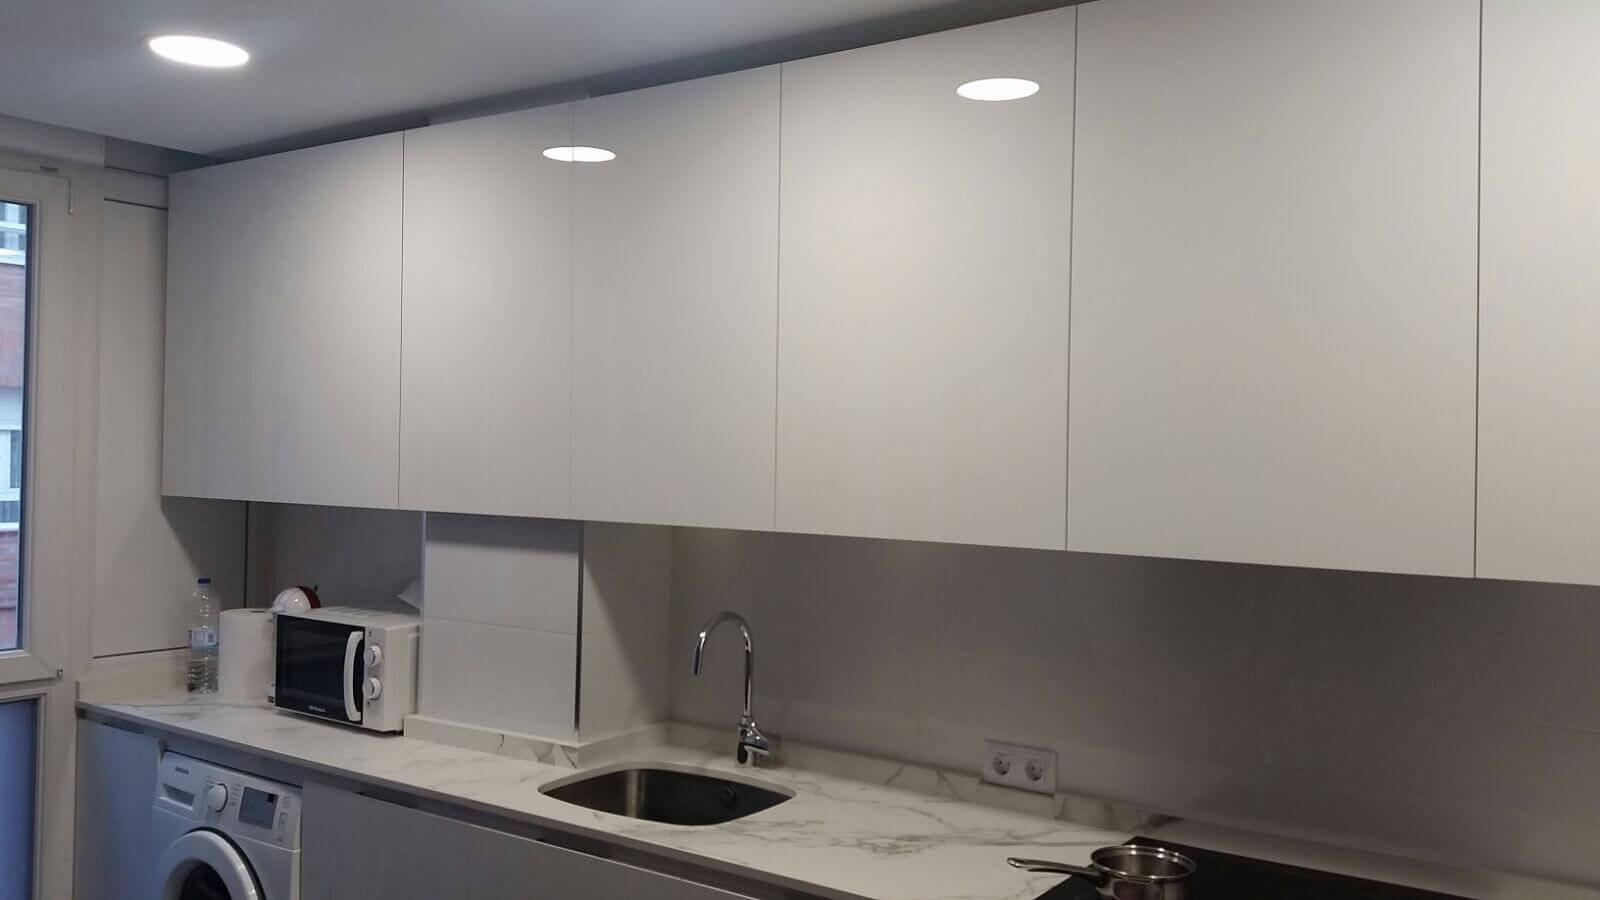 cocina en luxe blanco brillo con tirador gola plana integrado